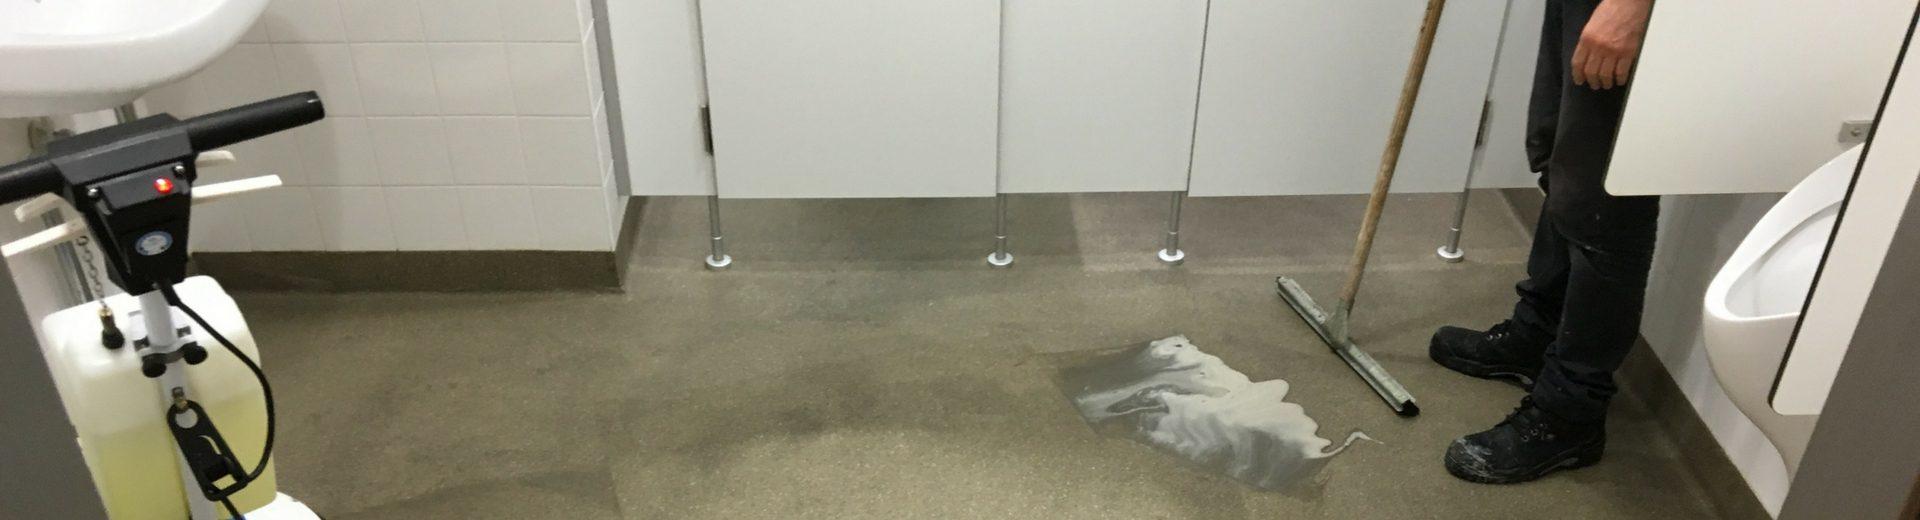 ATS-schoonmaak-dieptereiniging